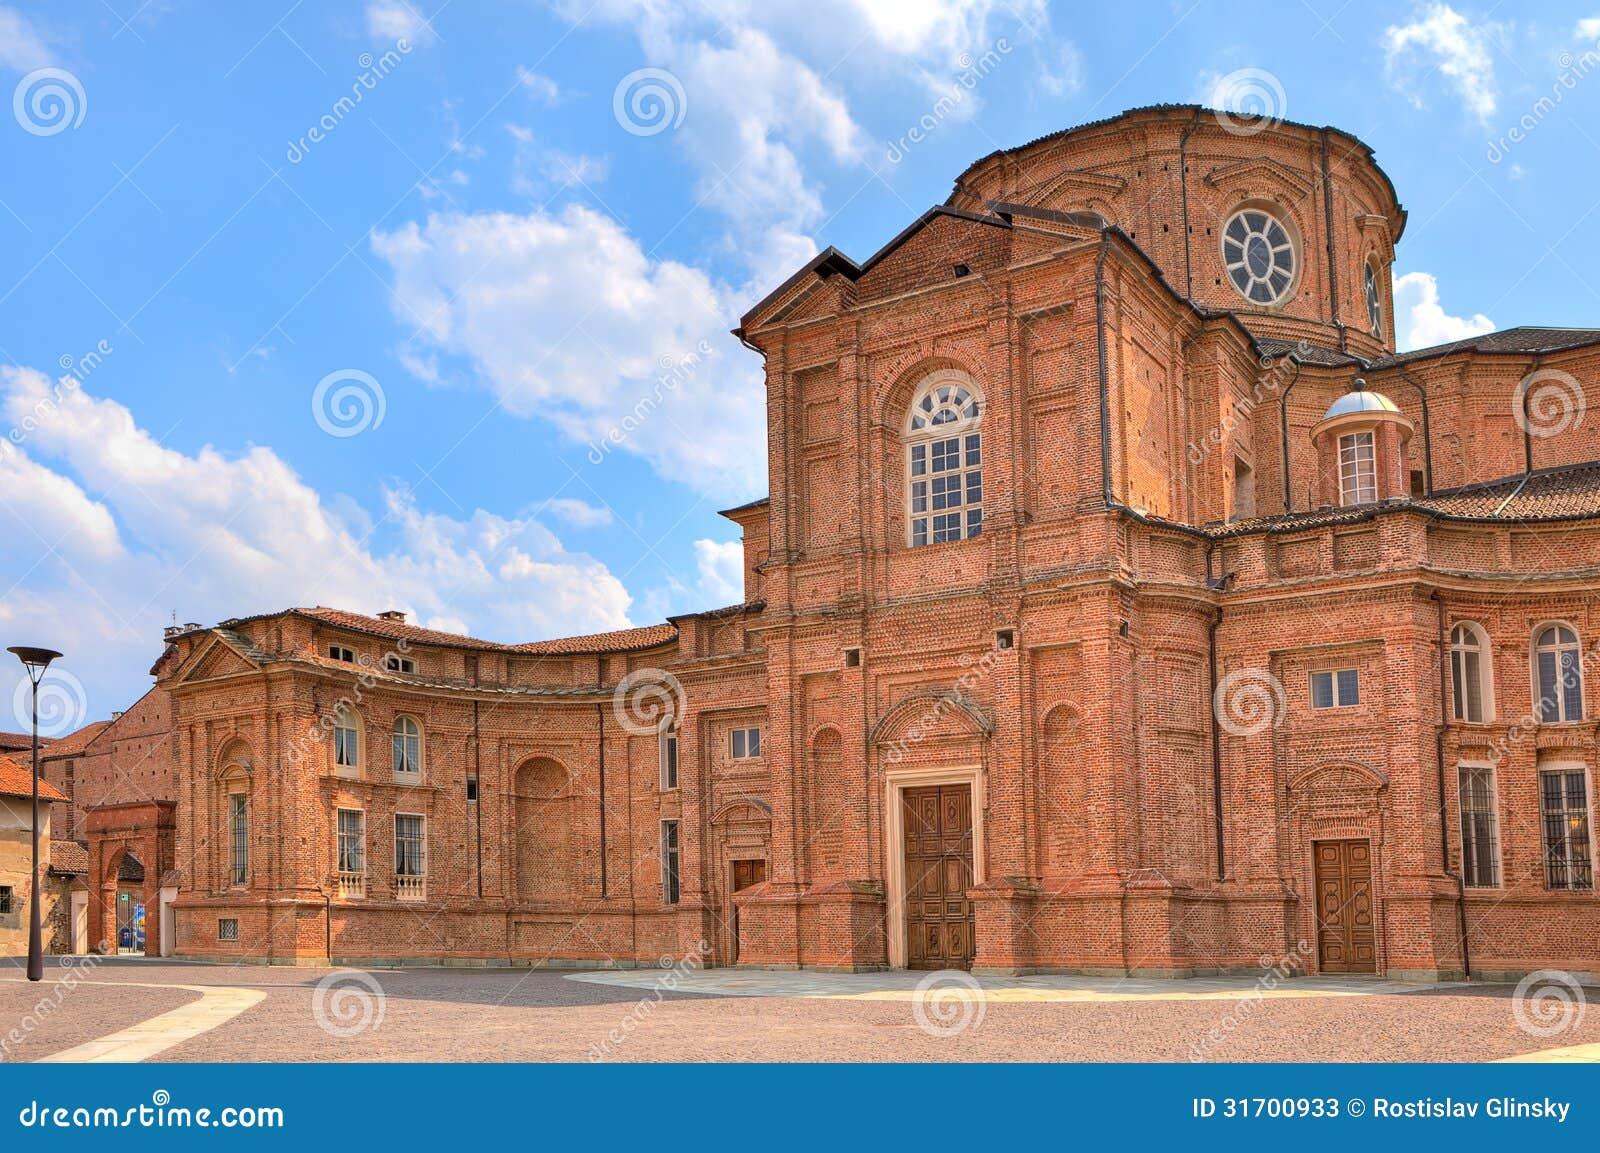 Glise de brique dans venaria reale italie image stock for Dans italien